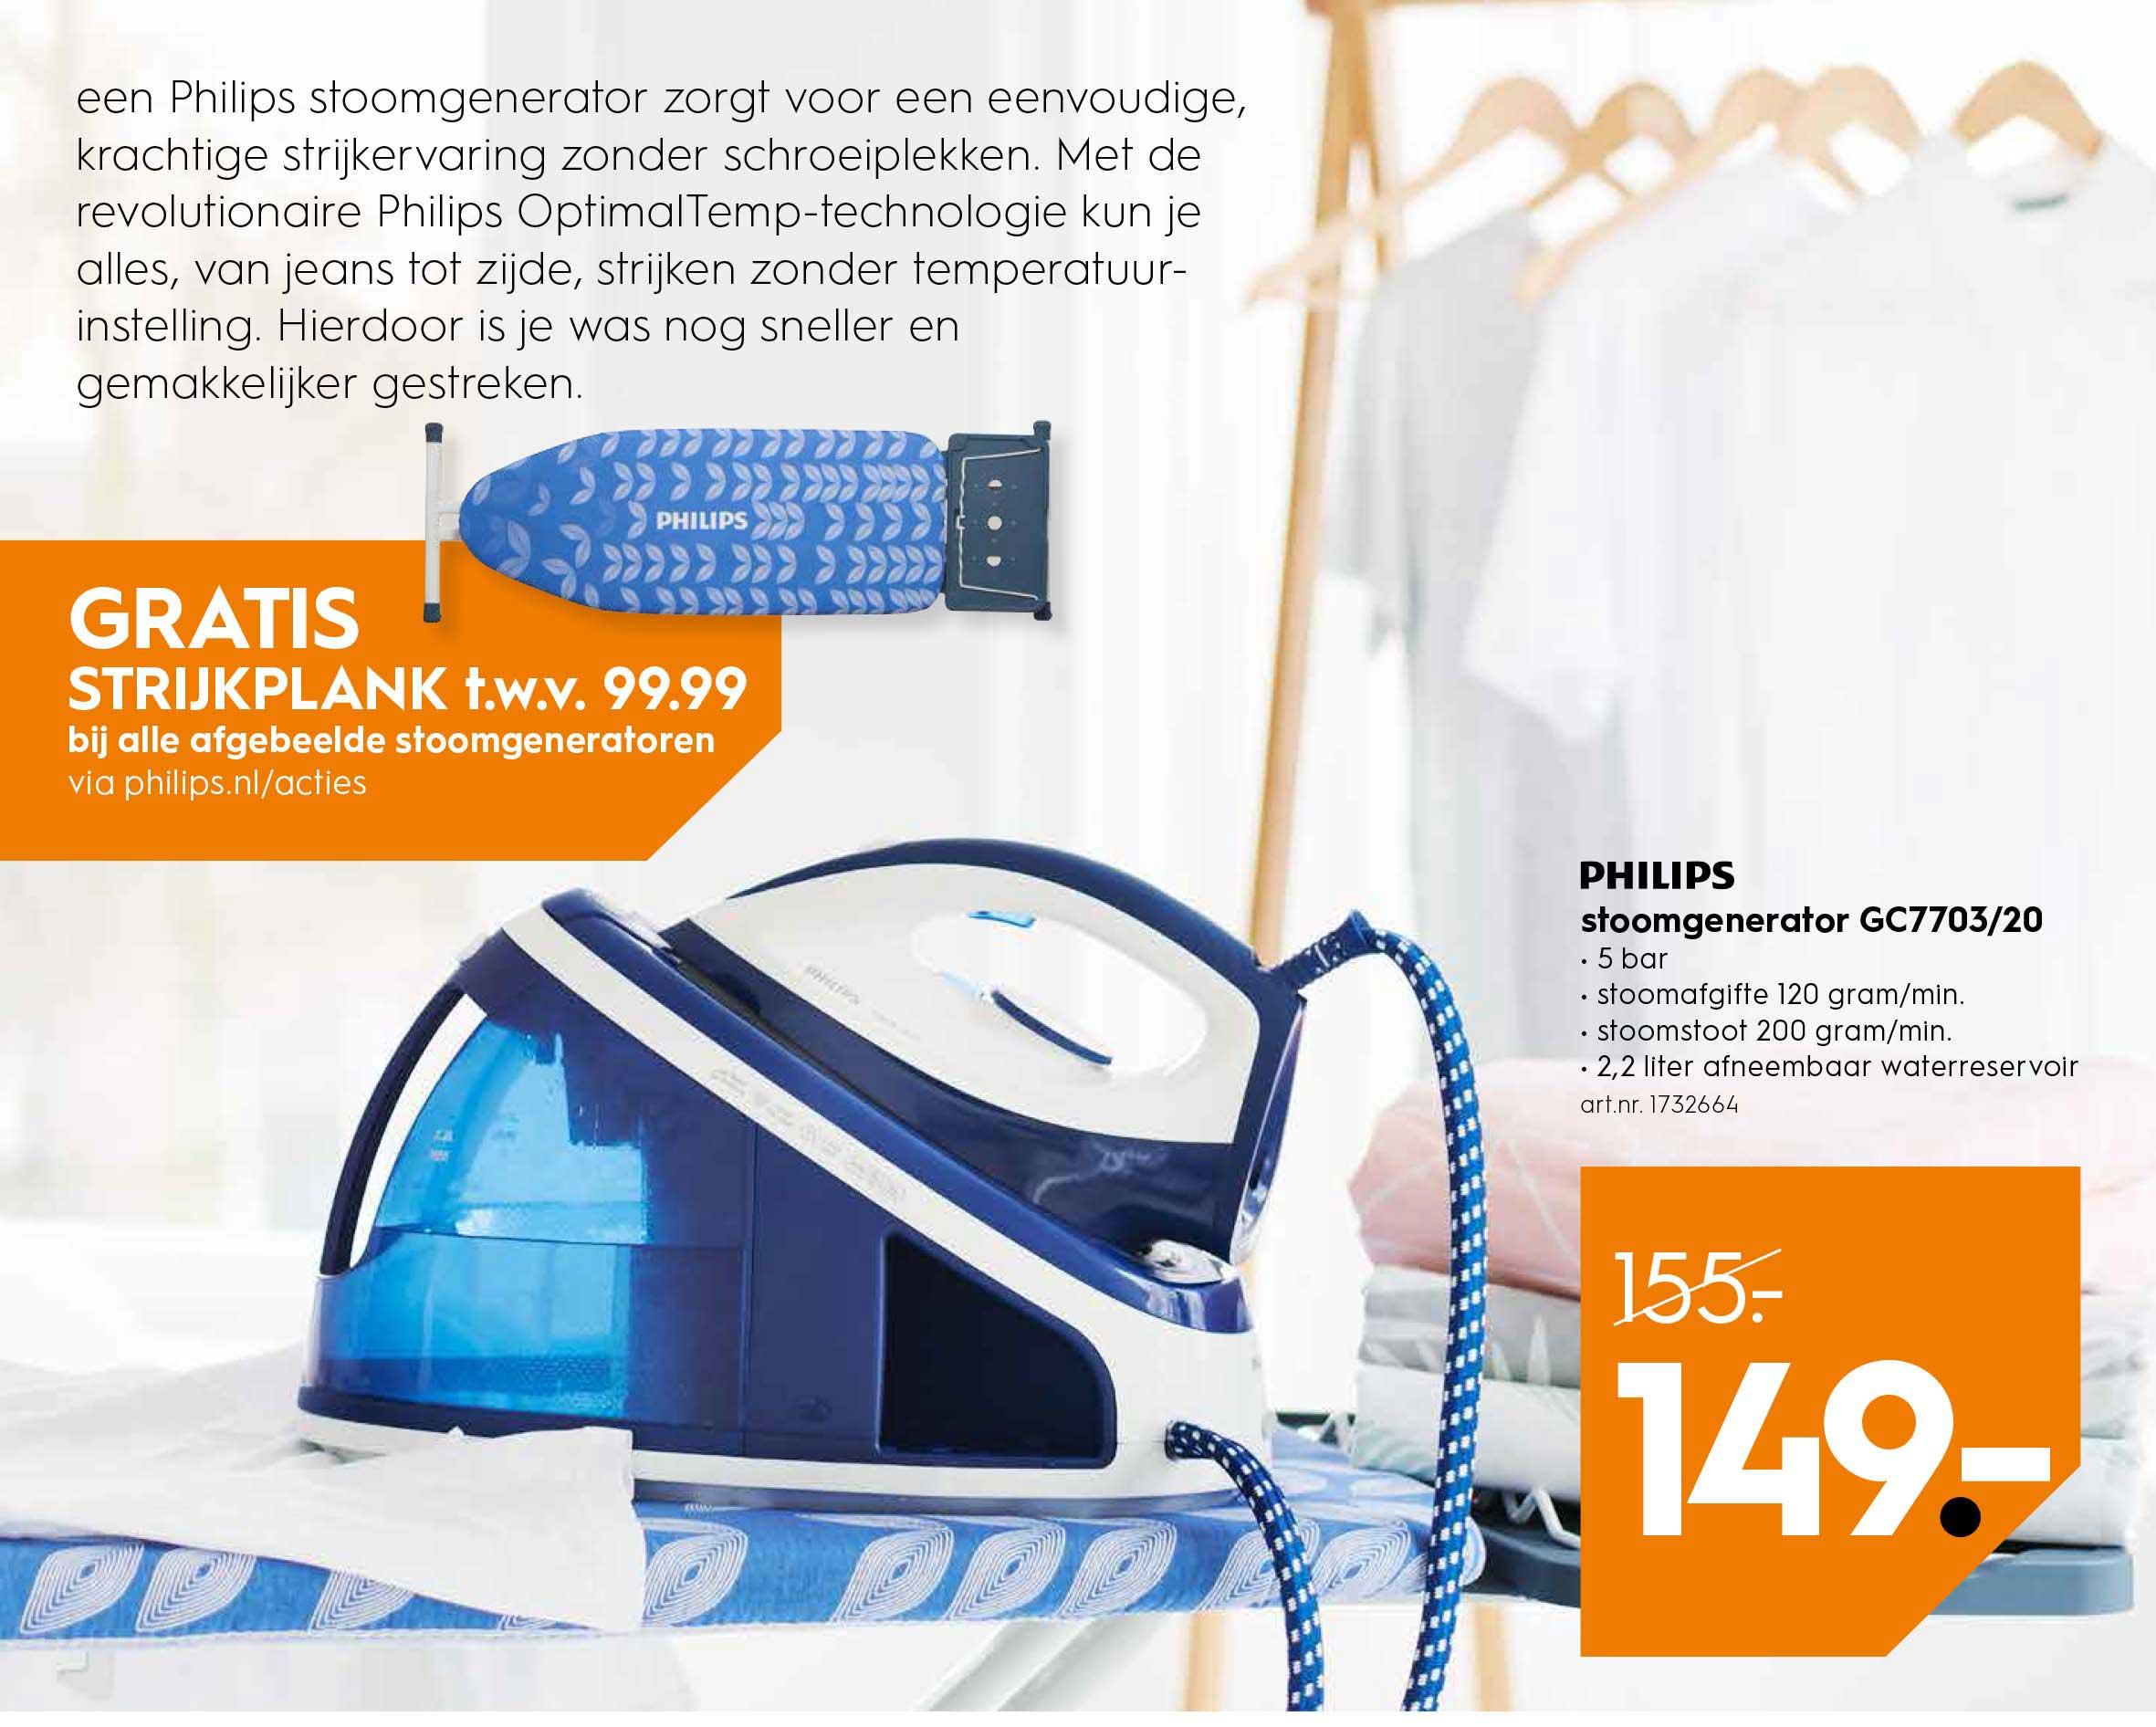 Blokker Philips Stoomgenerator GC7703-20 + GRATIS Strijkplank T.w.v. €99,99